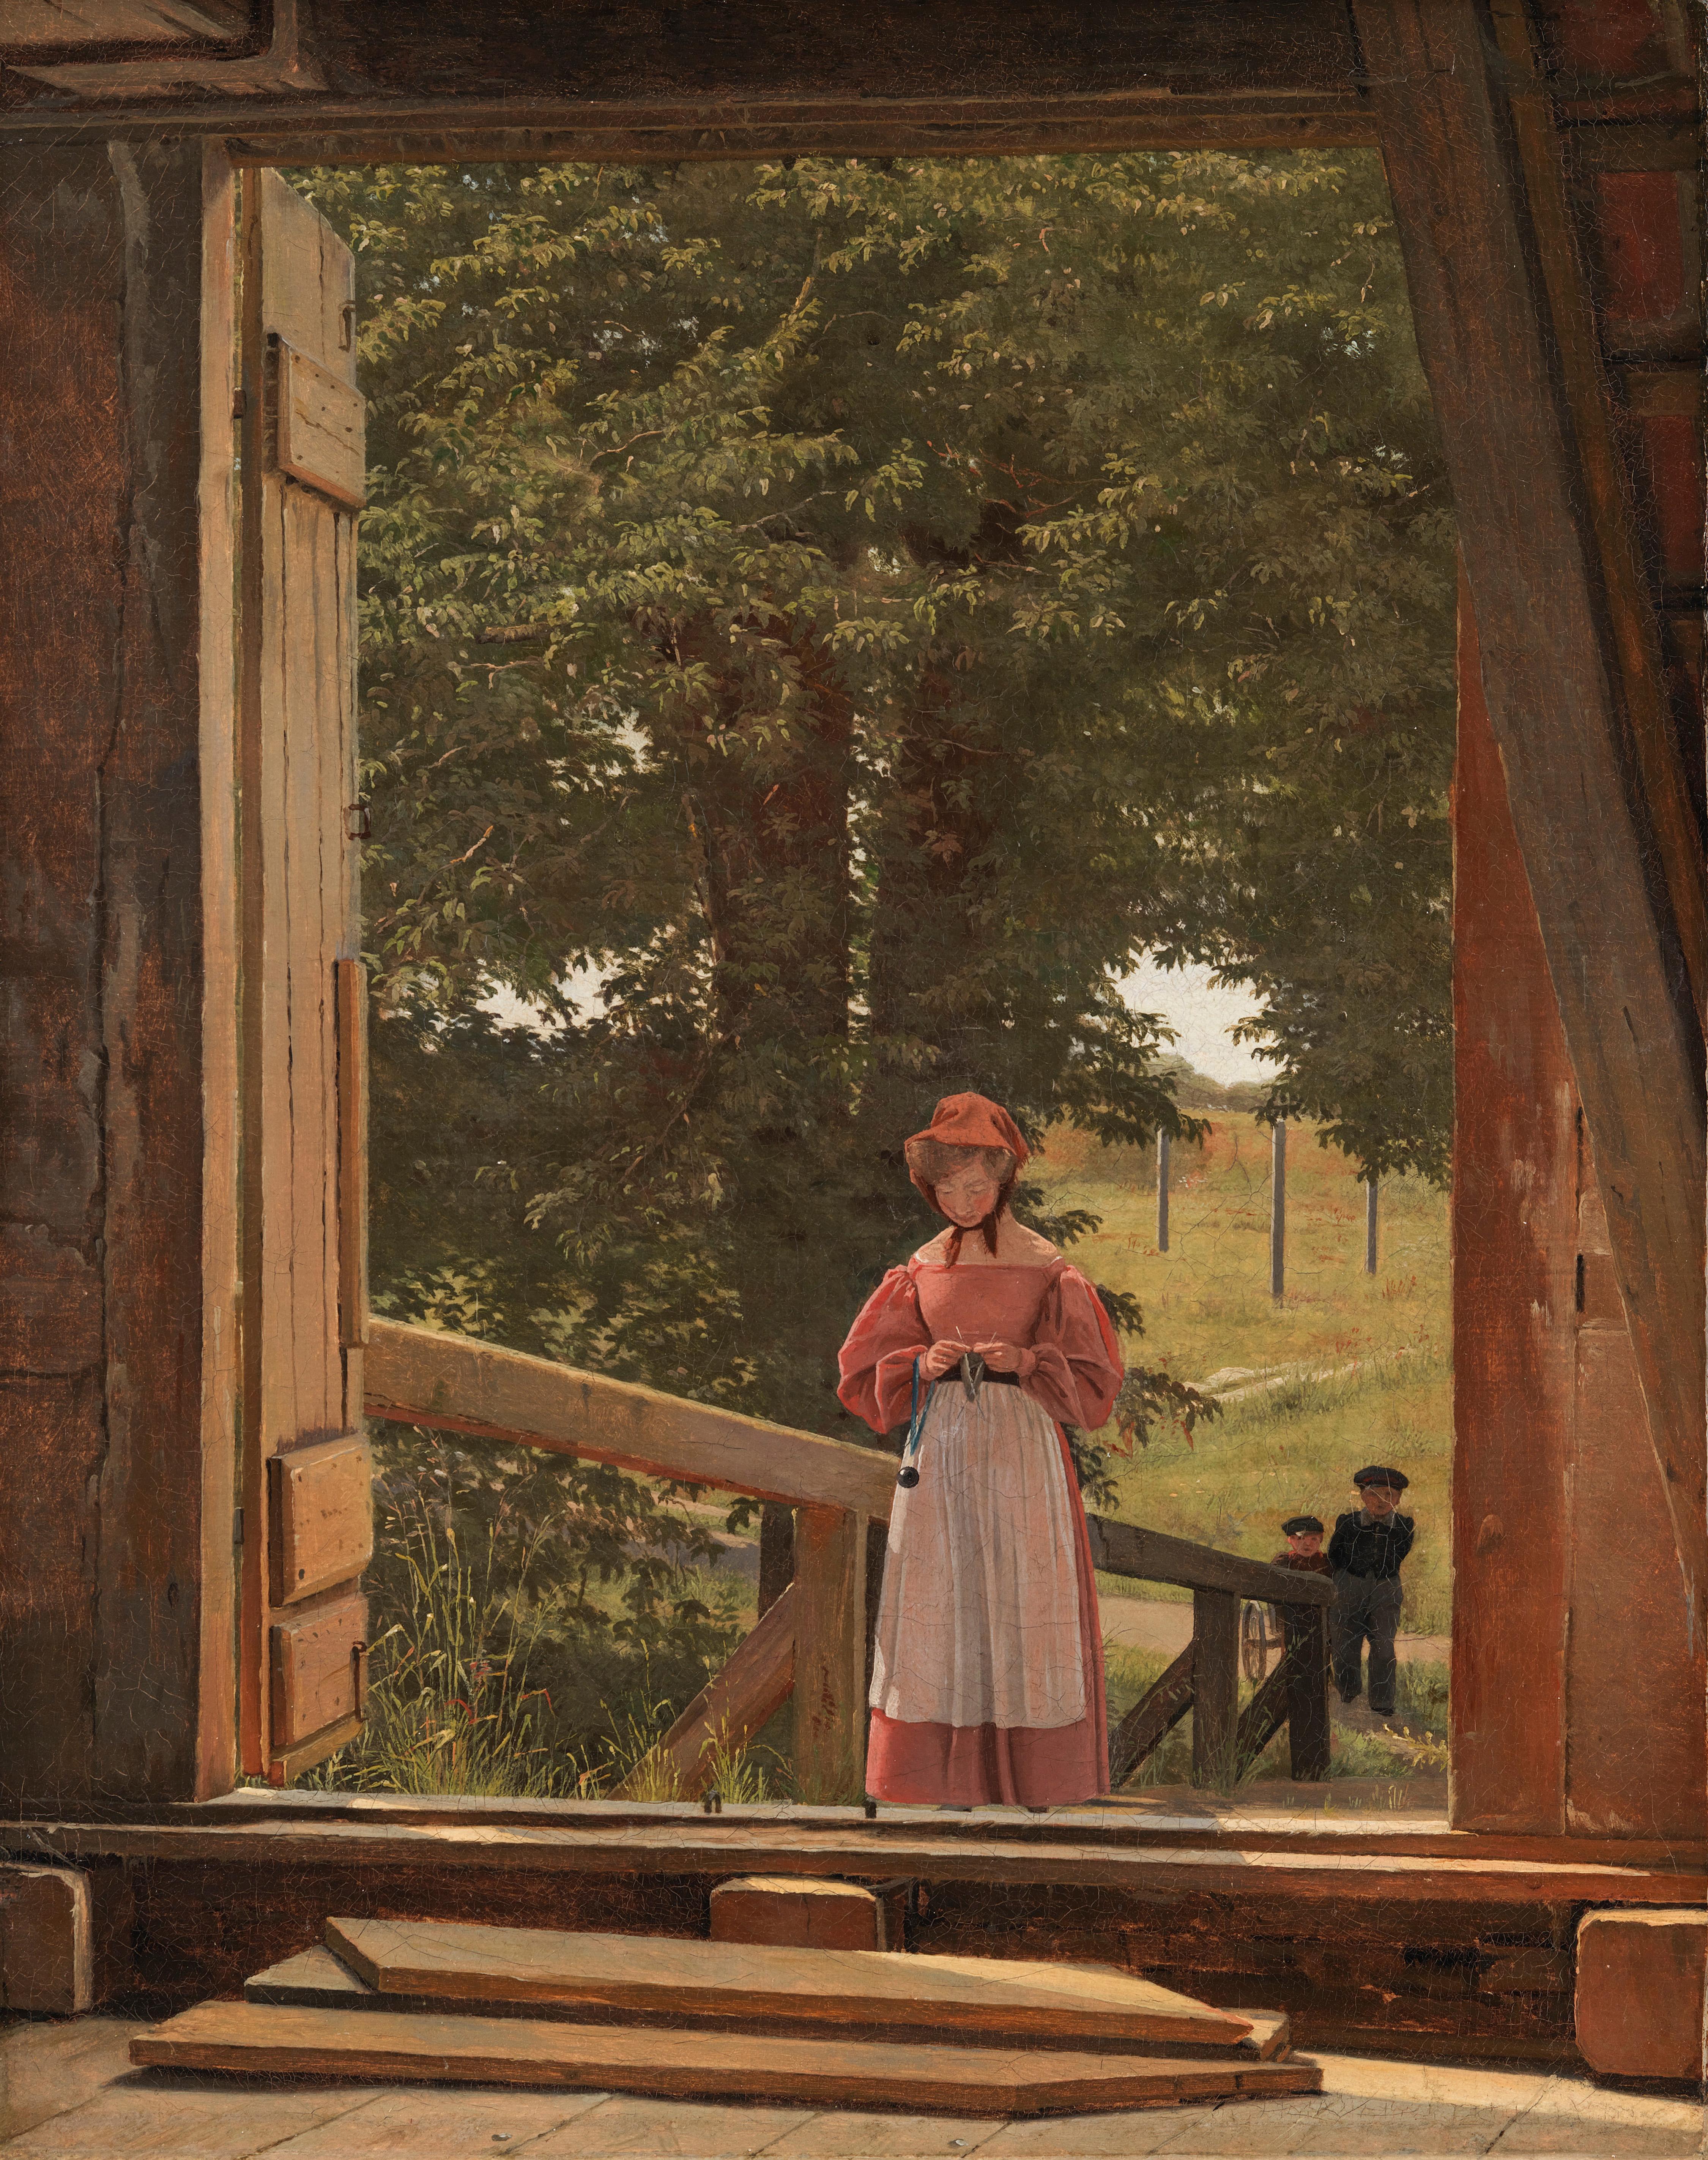 """Christen Købke, """"Utsikt från loftet på kornmagasinet vid bageriet i Kastellet, Köpenhamn"""", 1831. Olja på duk. SMK, Statens Museum for Kunst."""